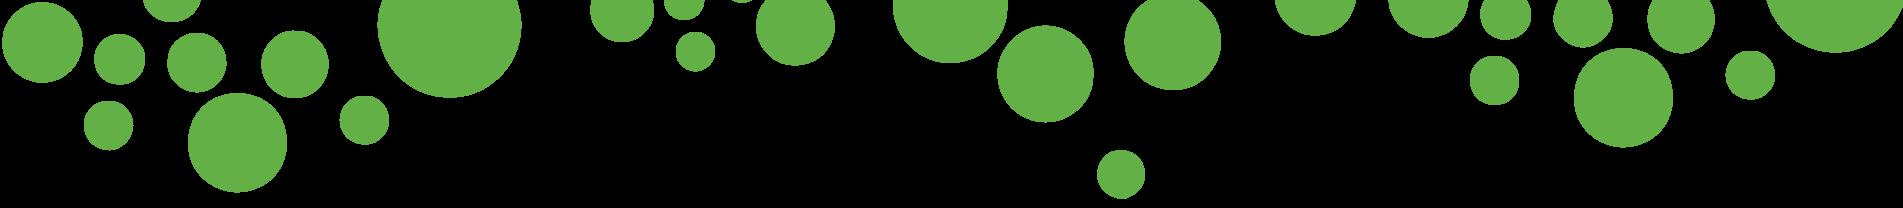 bg-kreise-bottom-green